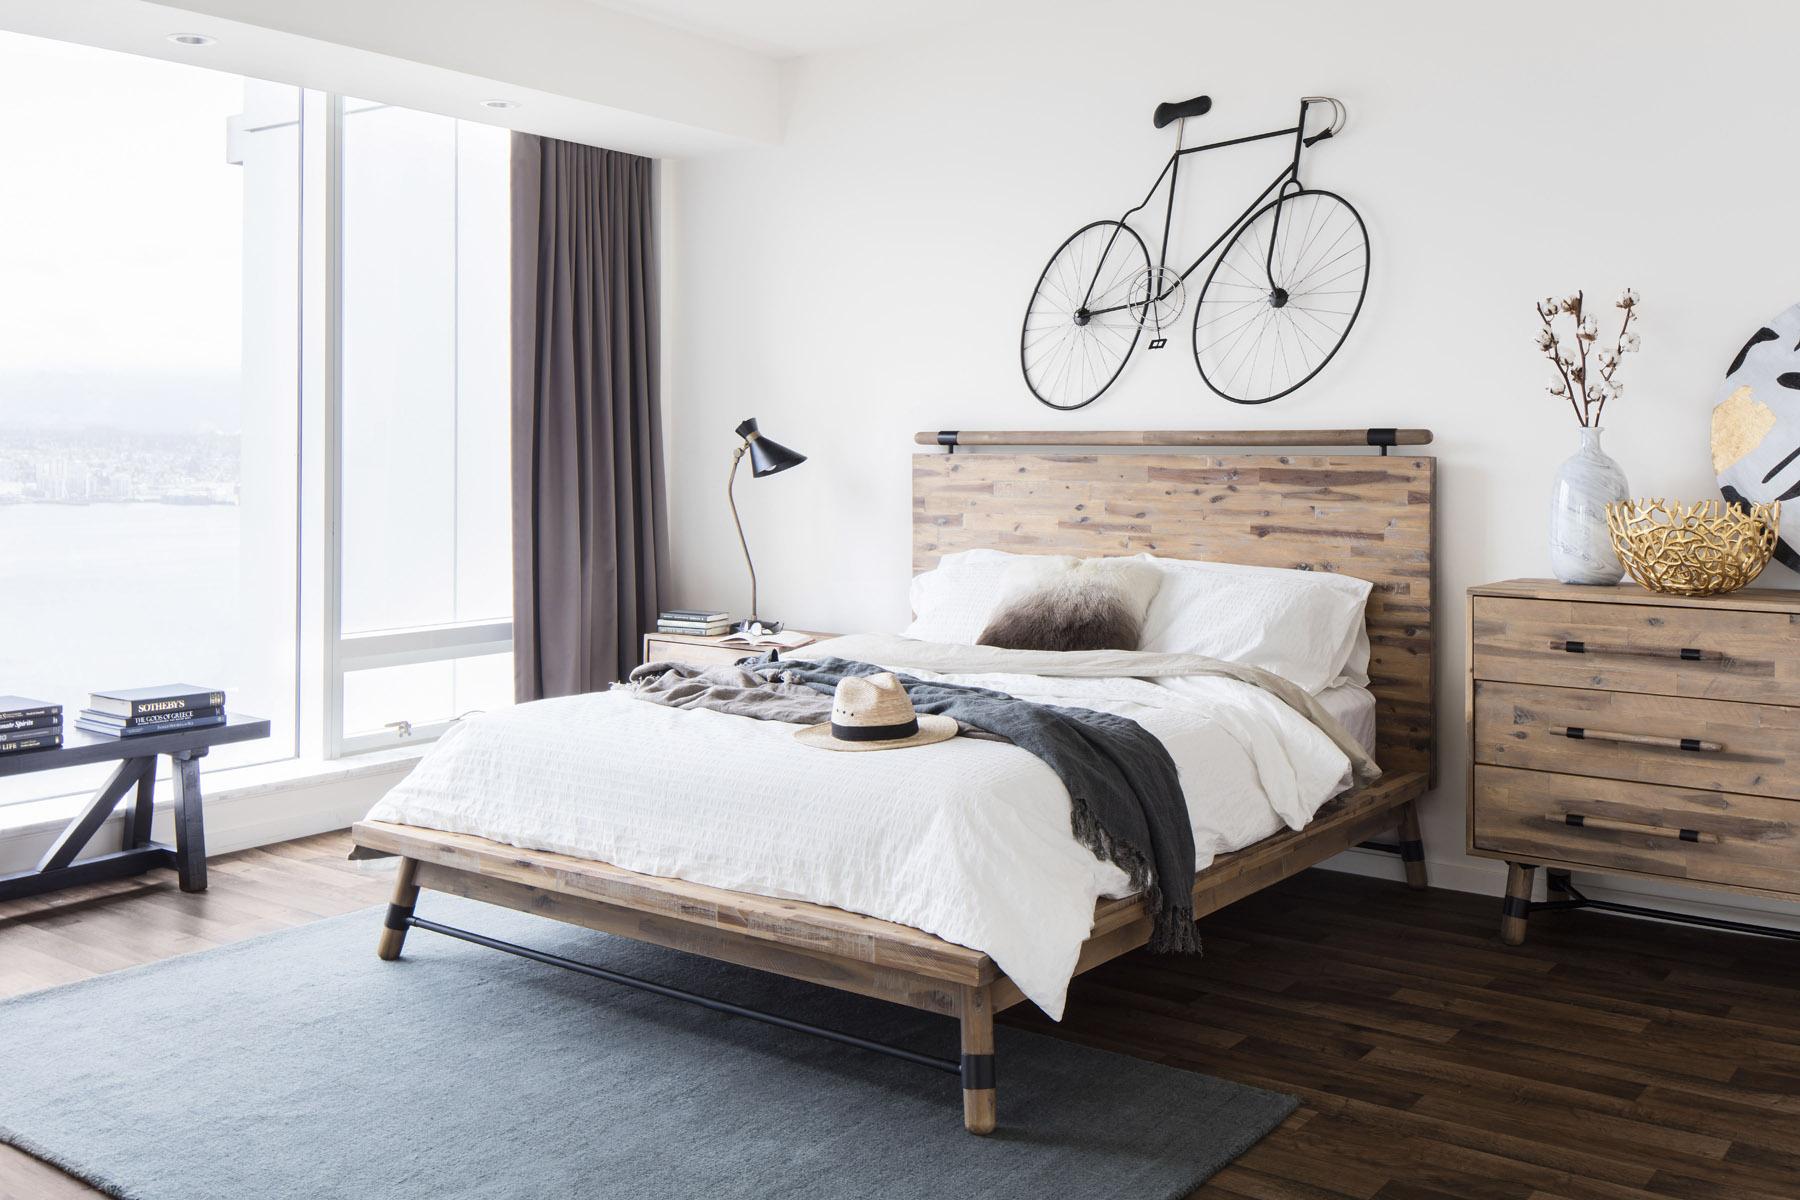 Simplictic bedroom with bike.jpg